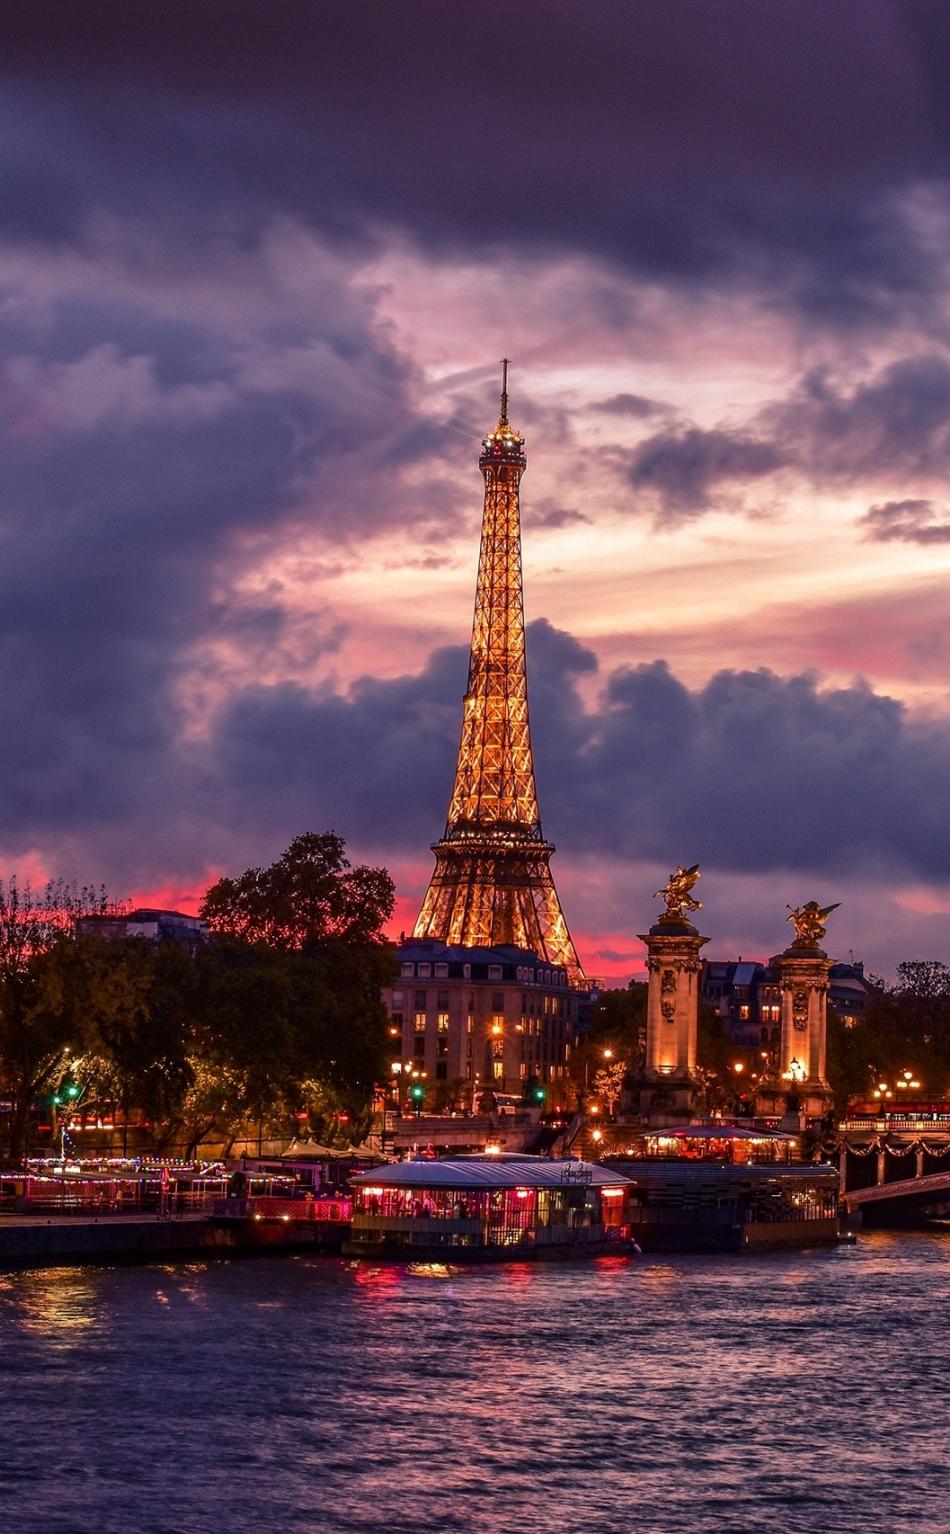 Iphone Wallpaper Paris Tower